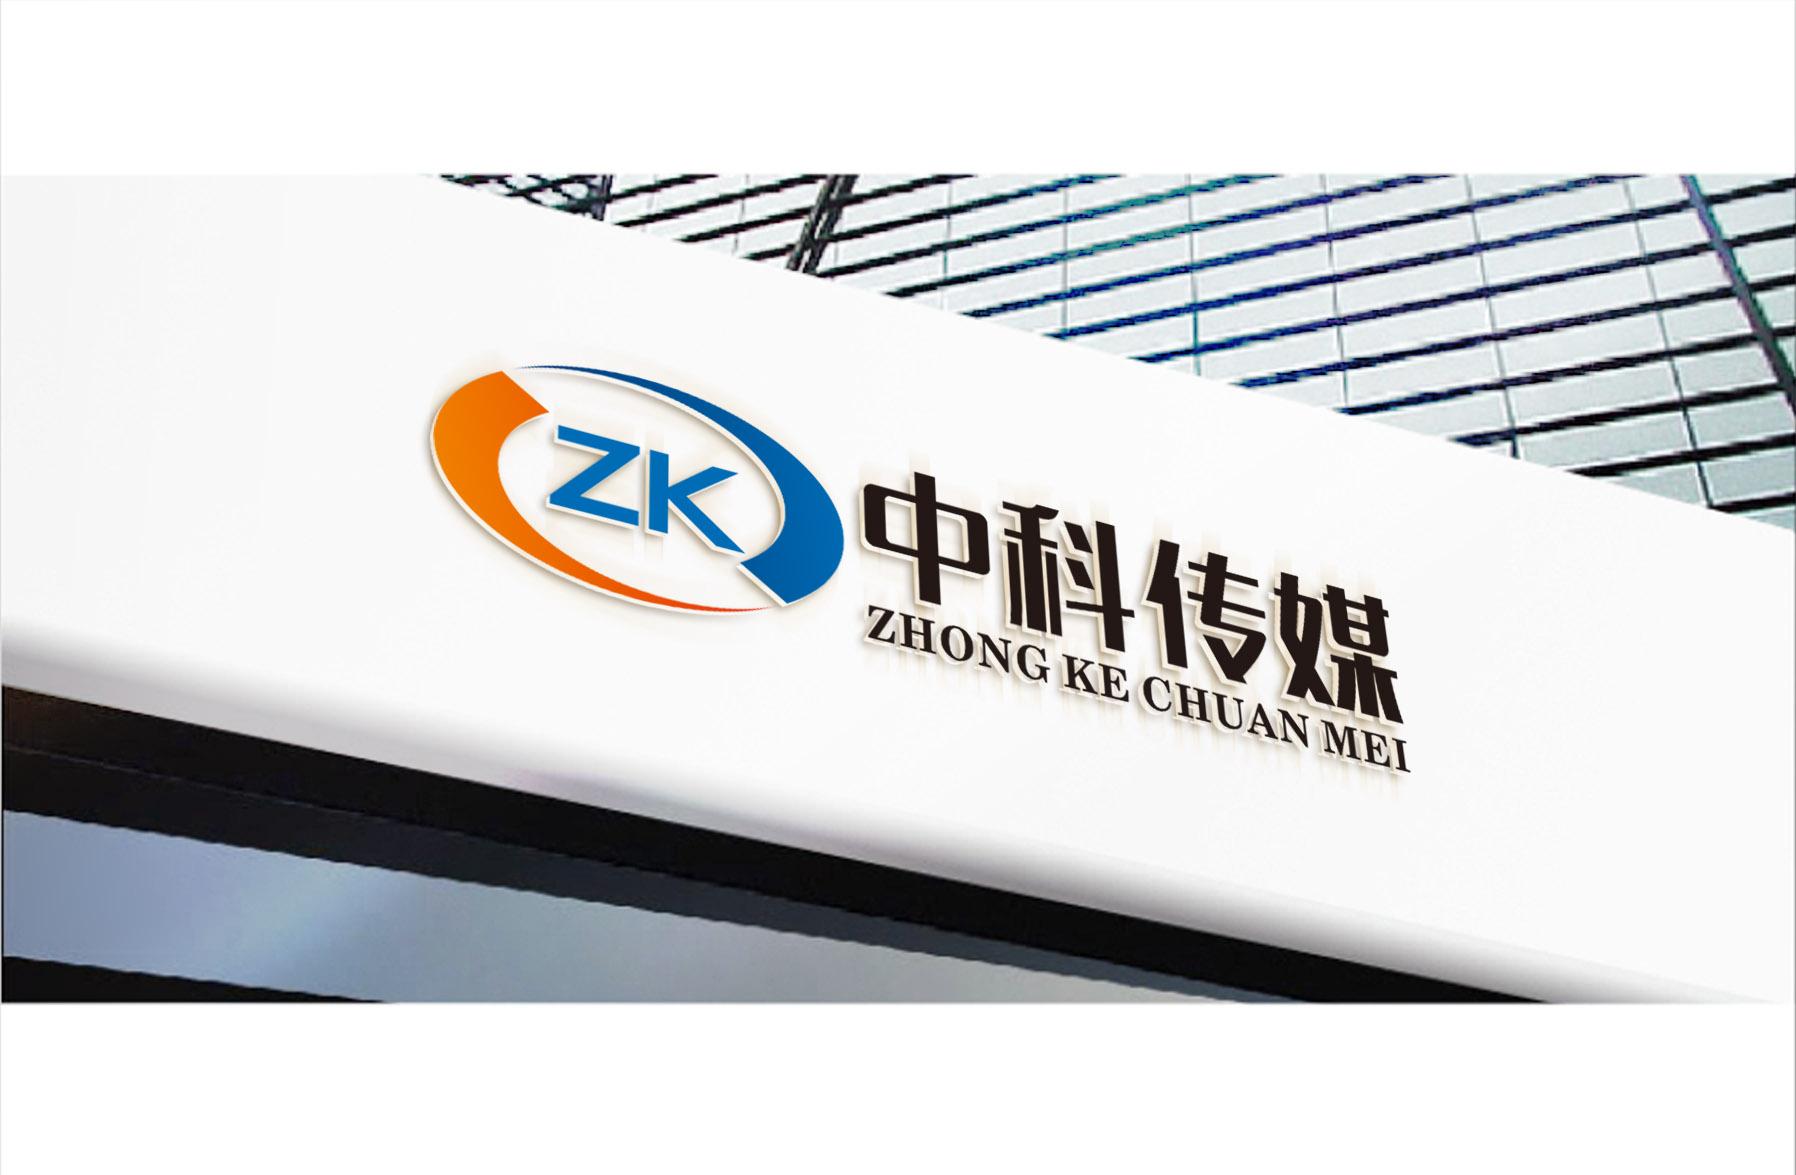 中英文LOGO 设计_3025561_k68威客网